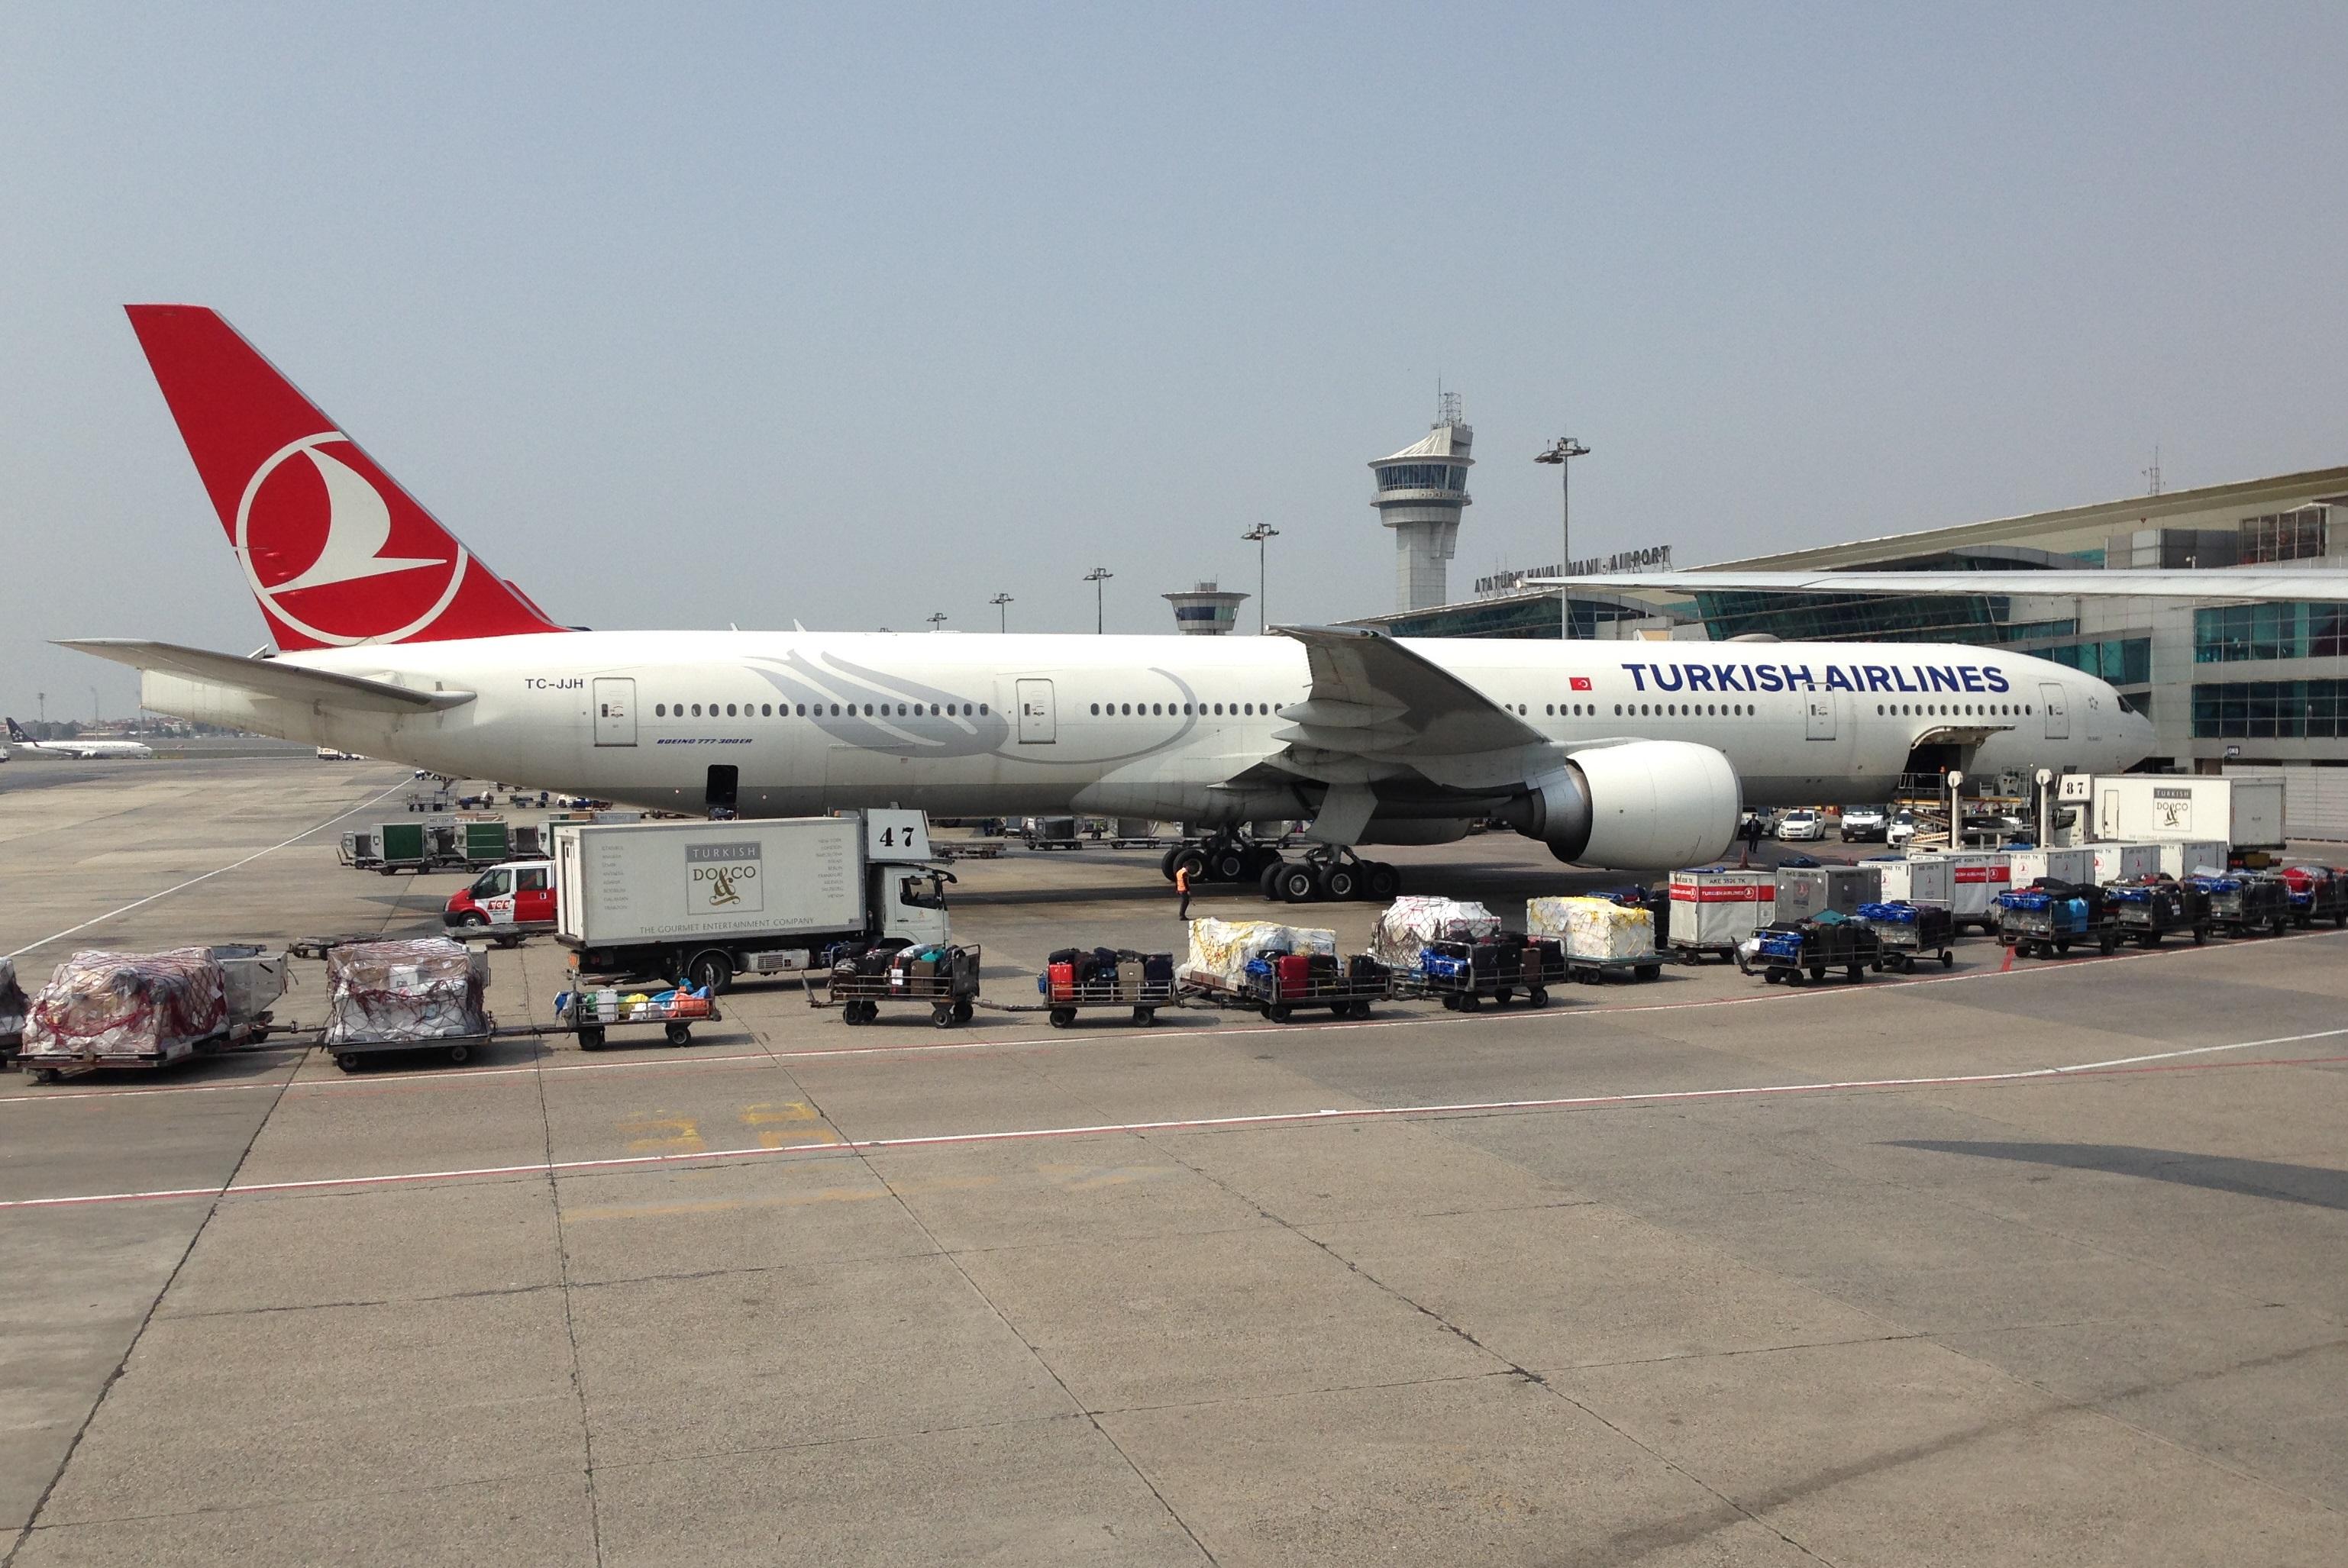 Boeing 777 300er sieges 52 images plan siege boeing for Plan cabine 777 300er